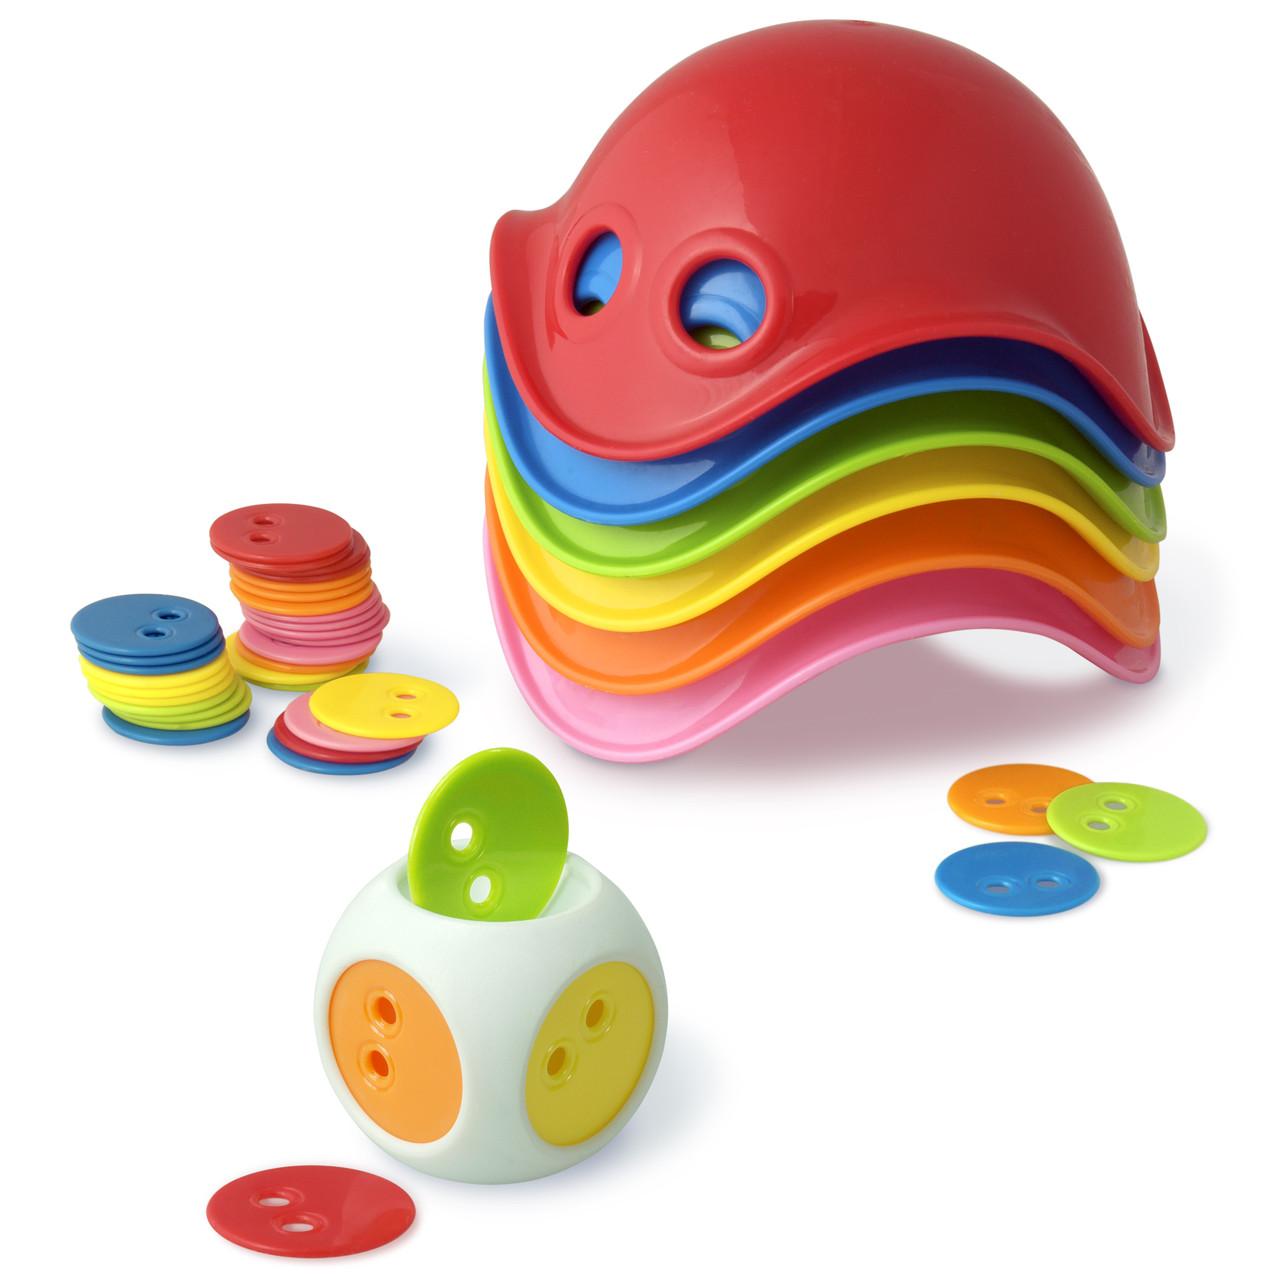 Игрушка Билибо Мини 4+ (6 разноцветных мини Билиба, 1 кубик с чипами 36 шт) MOLUK